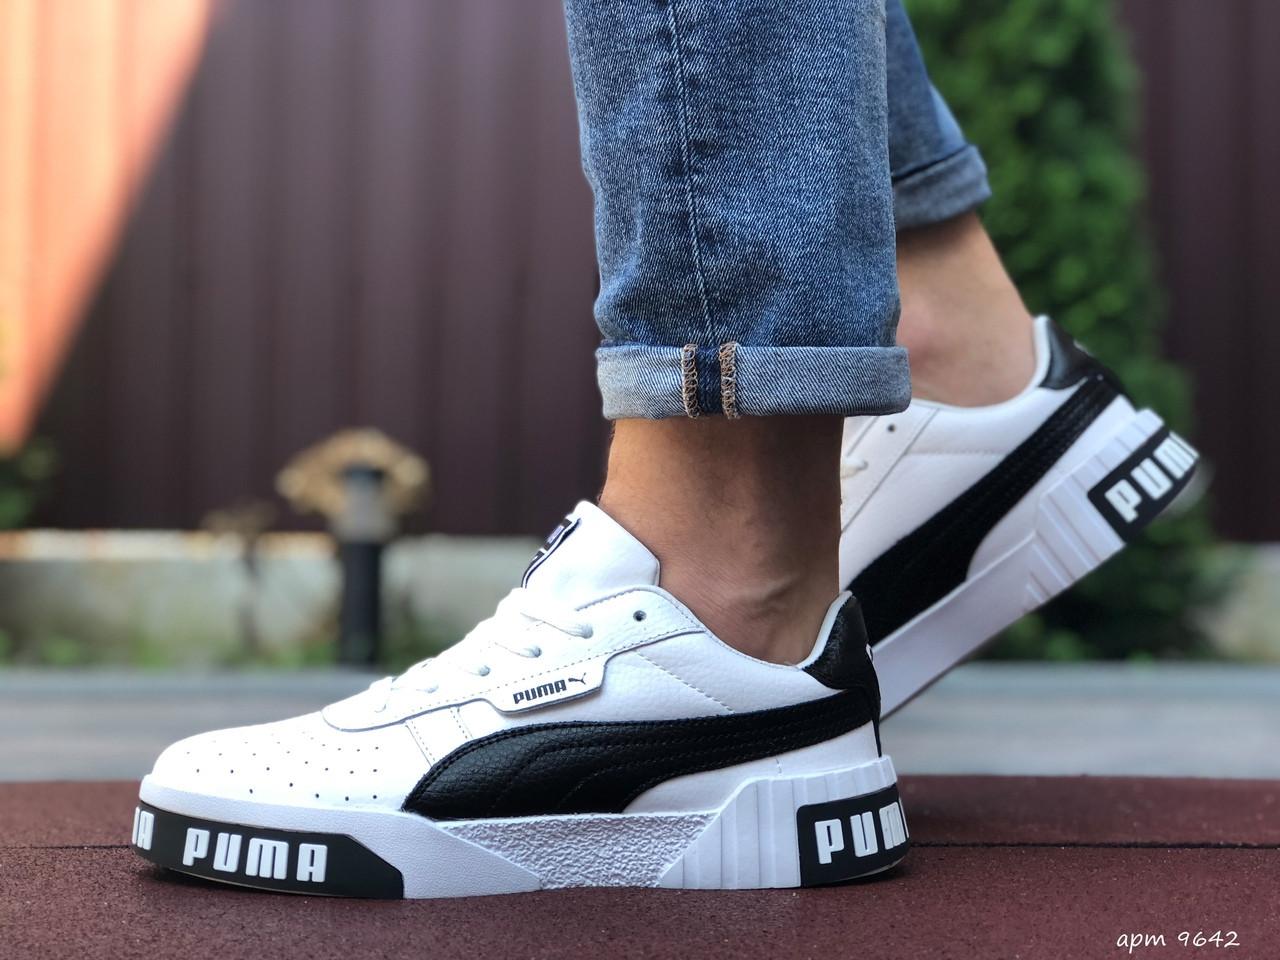 Чоловічі кросівки Puma Cali Bold (біло-чорні) 9642